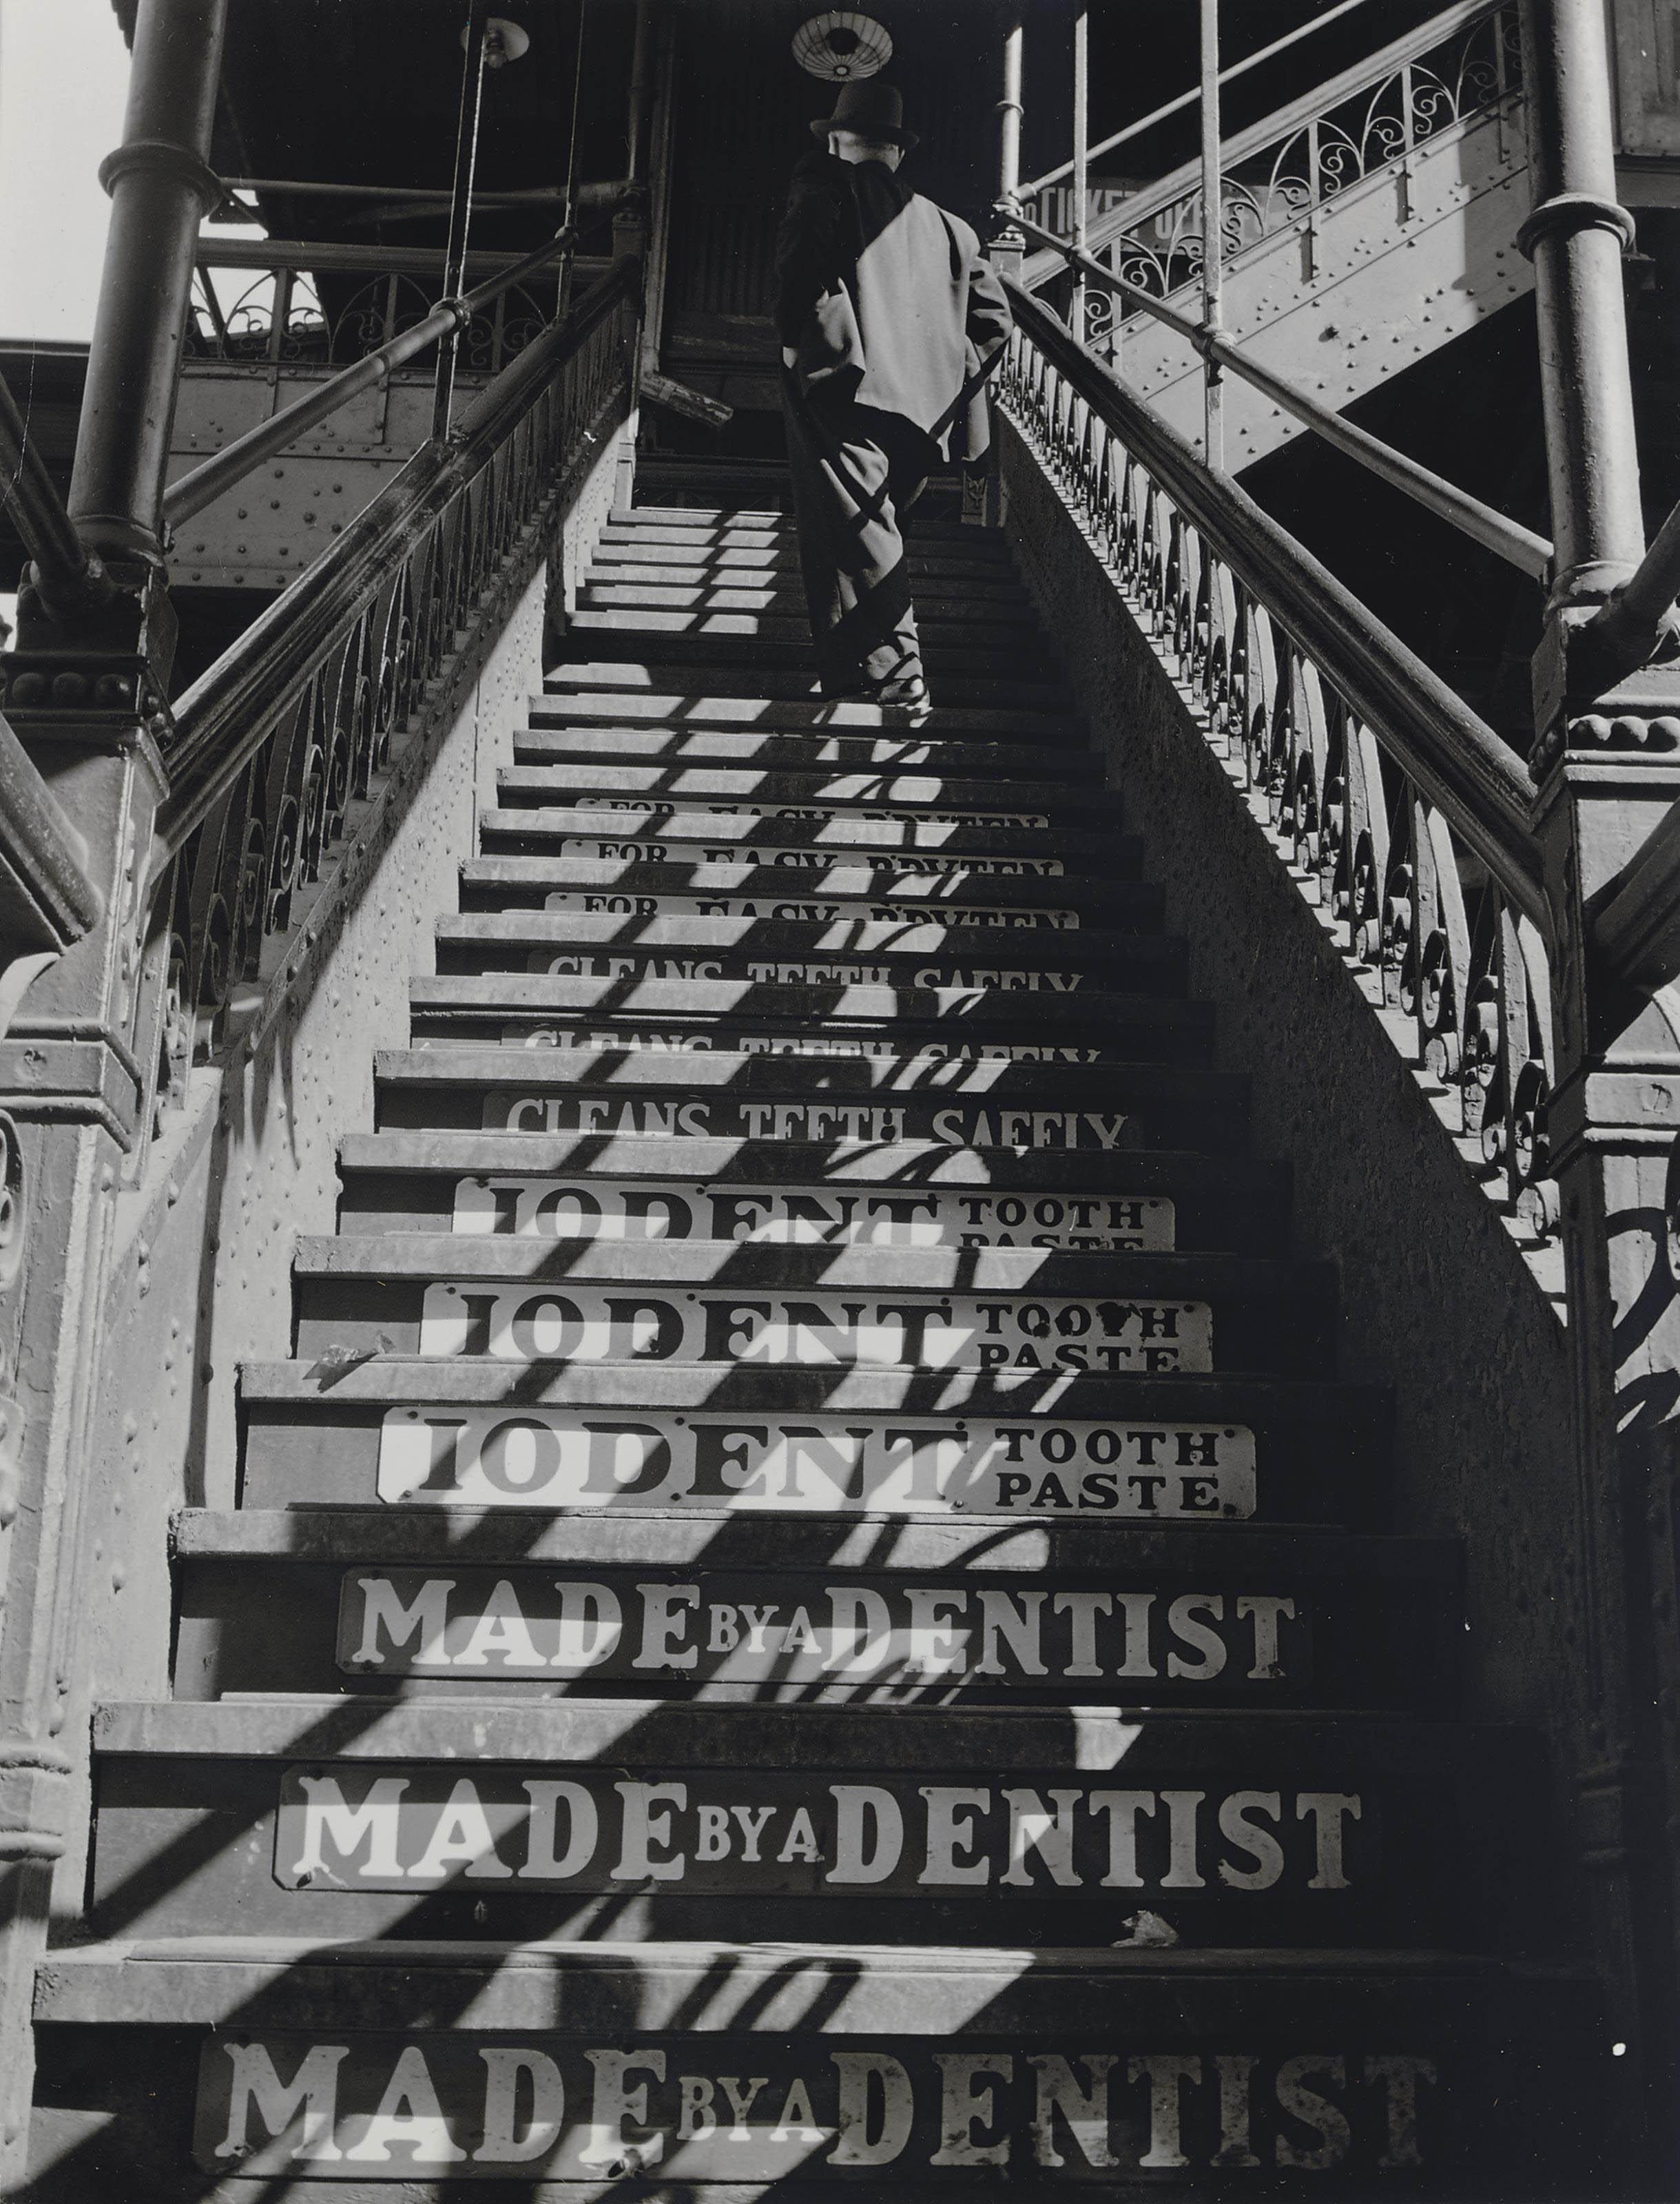 3rd Avenue El Stairs, 1937